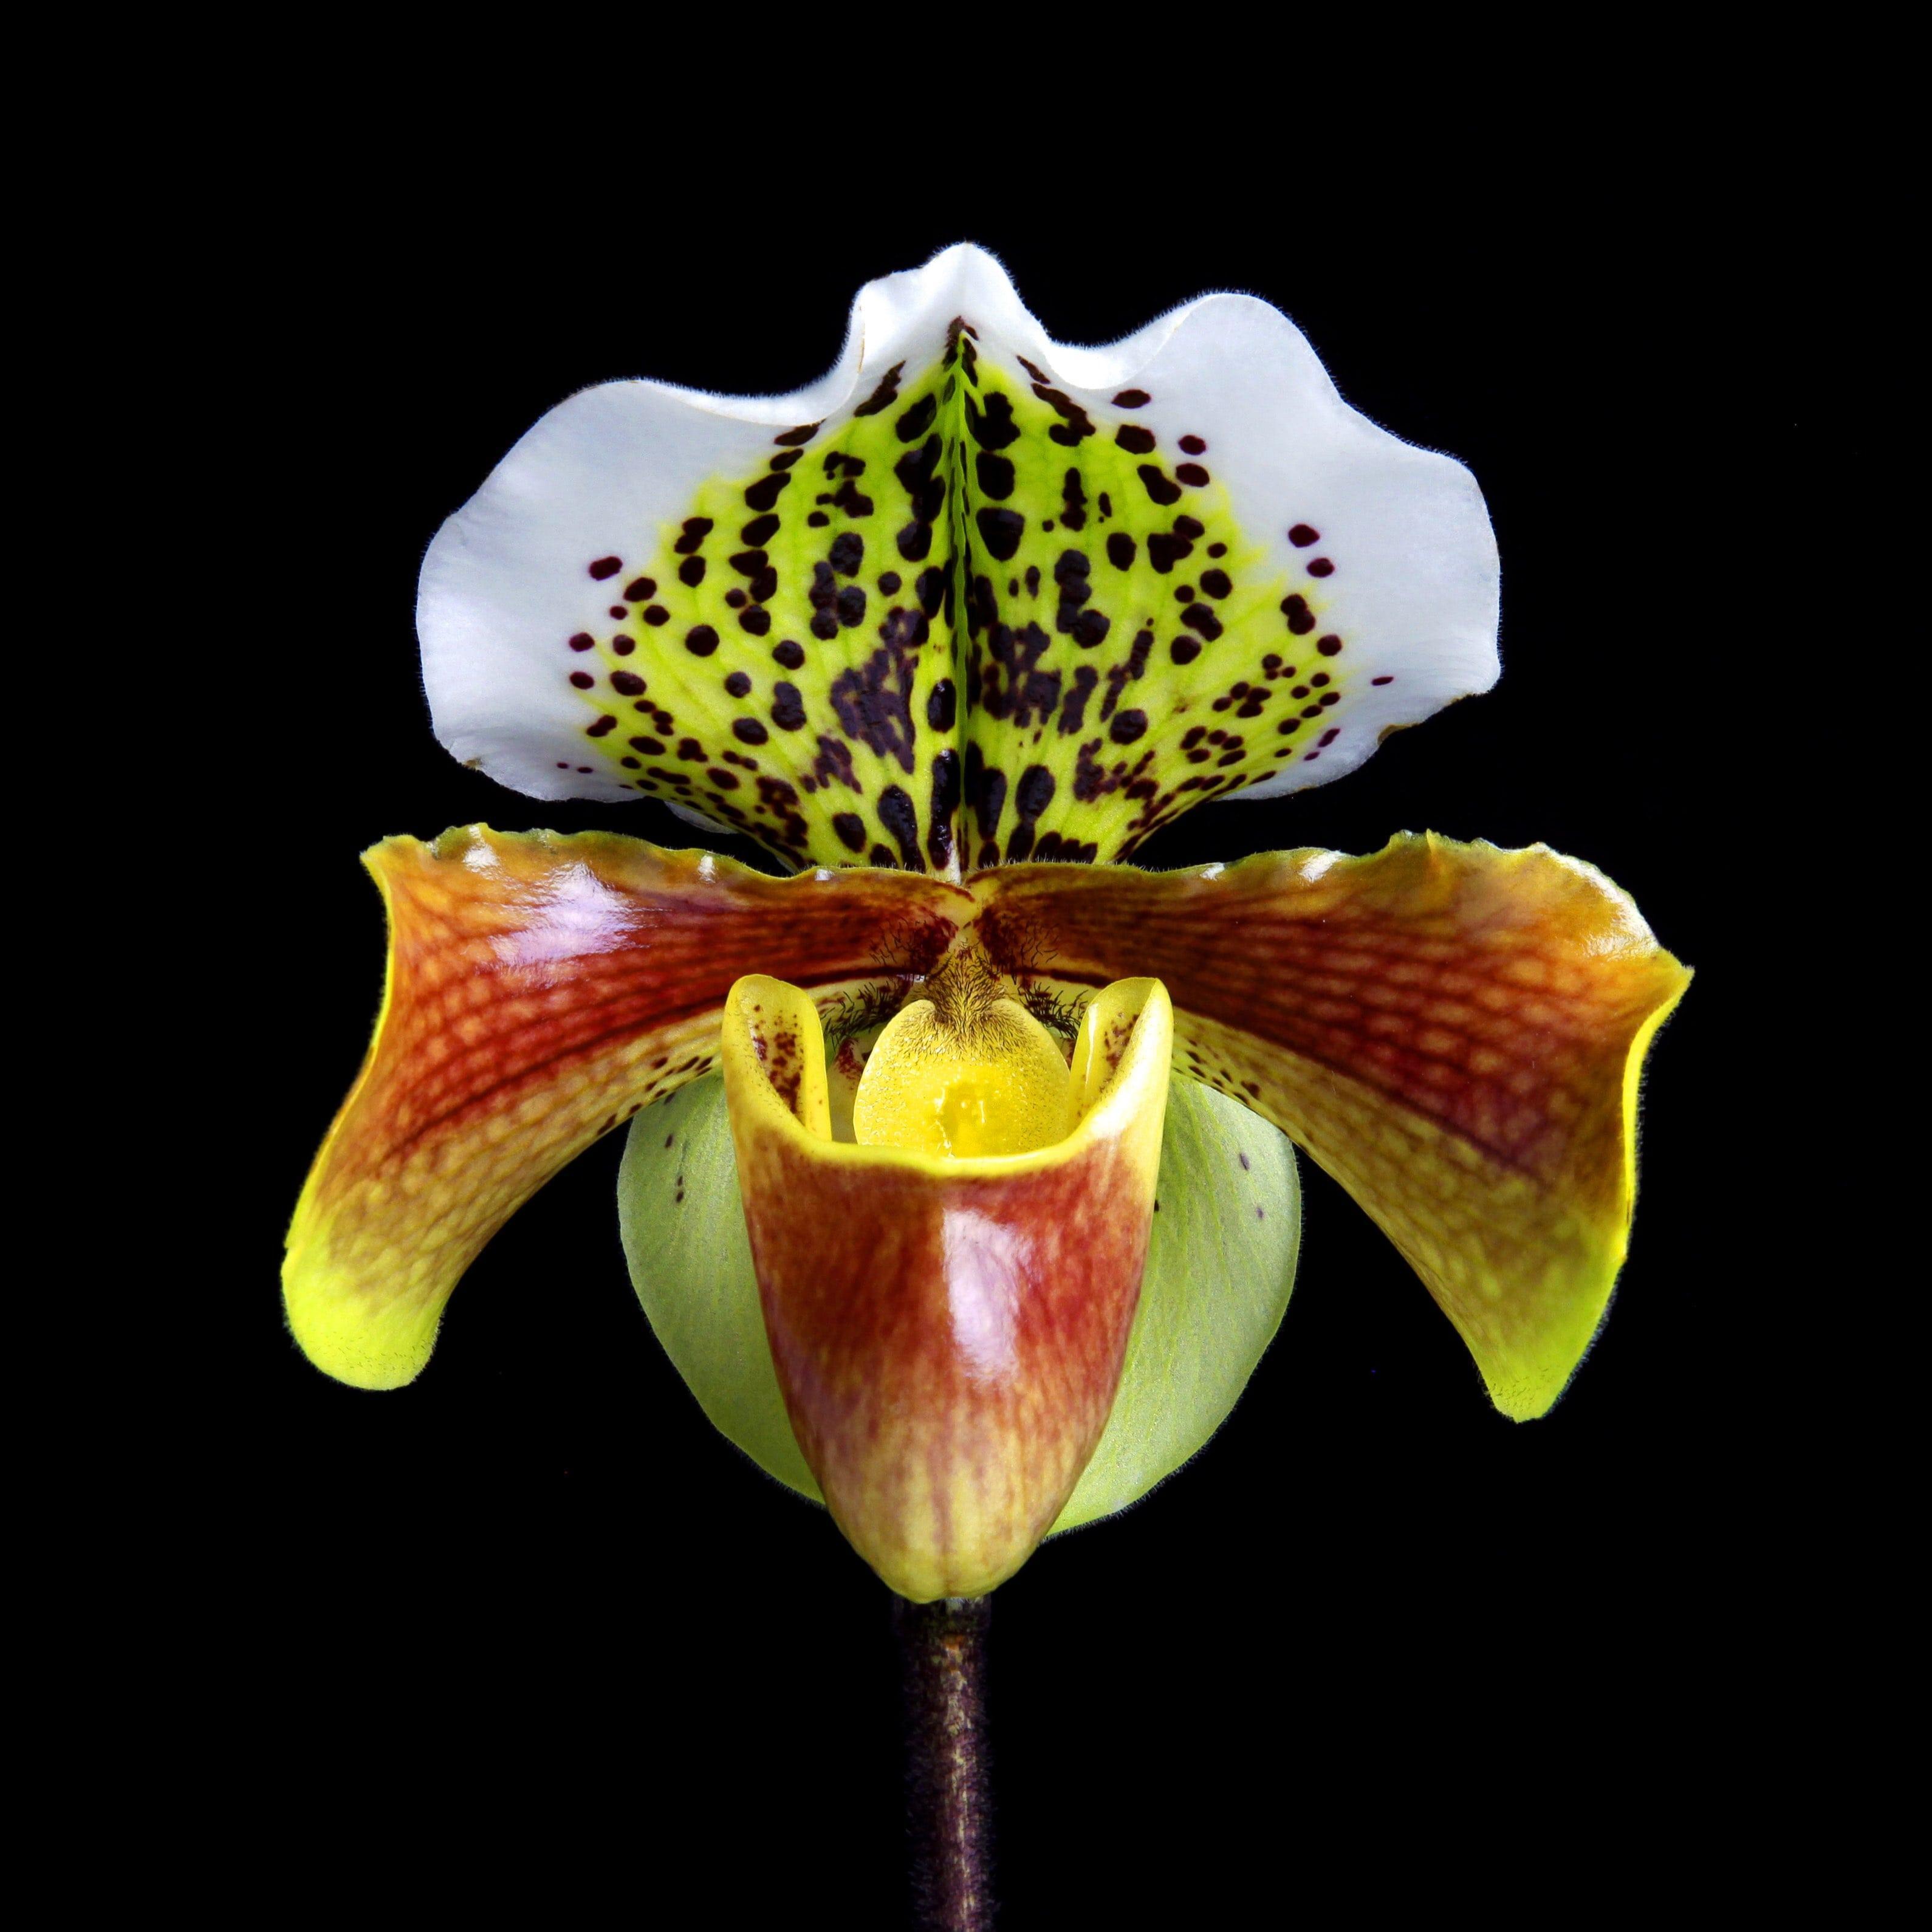 Naturalium 1 - Slipper Orchid